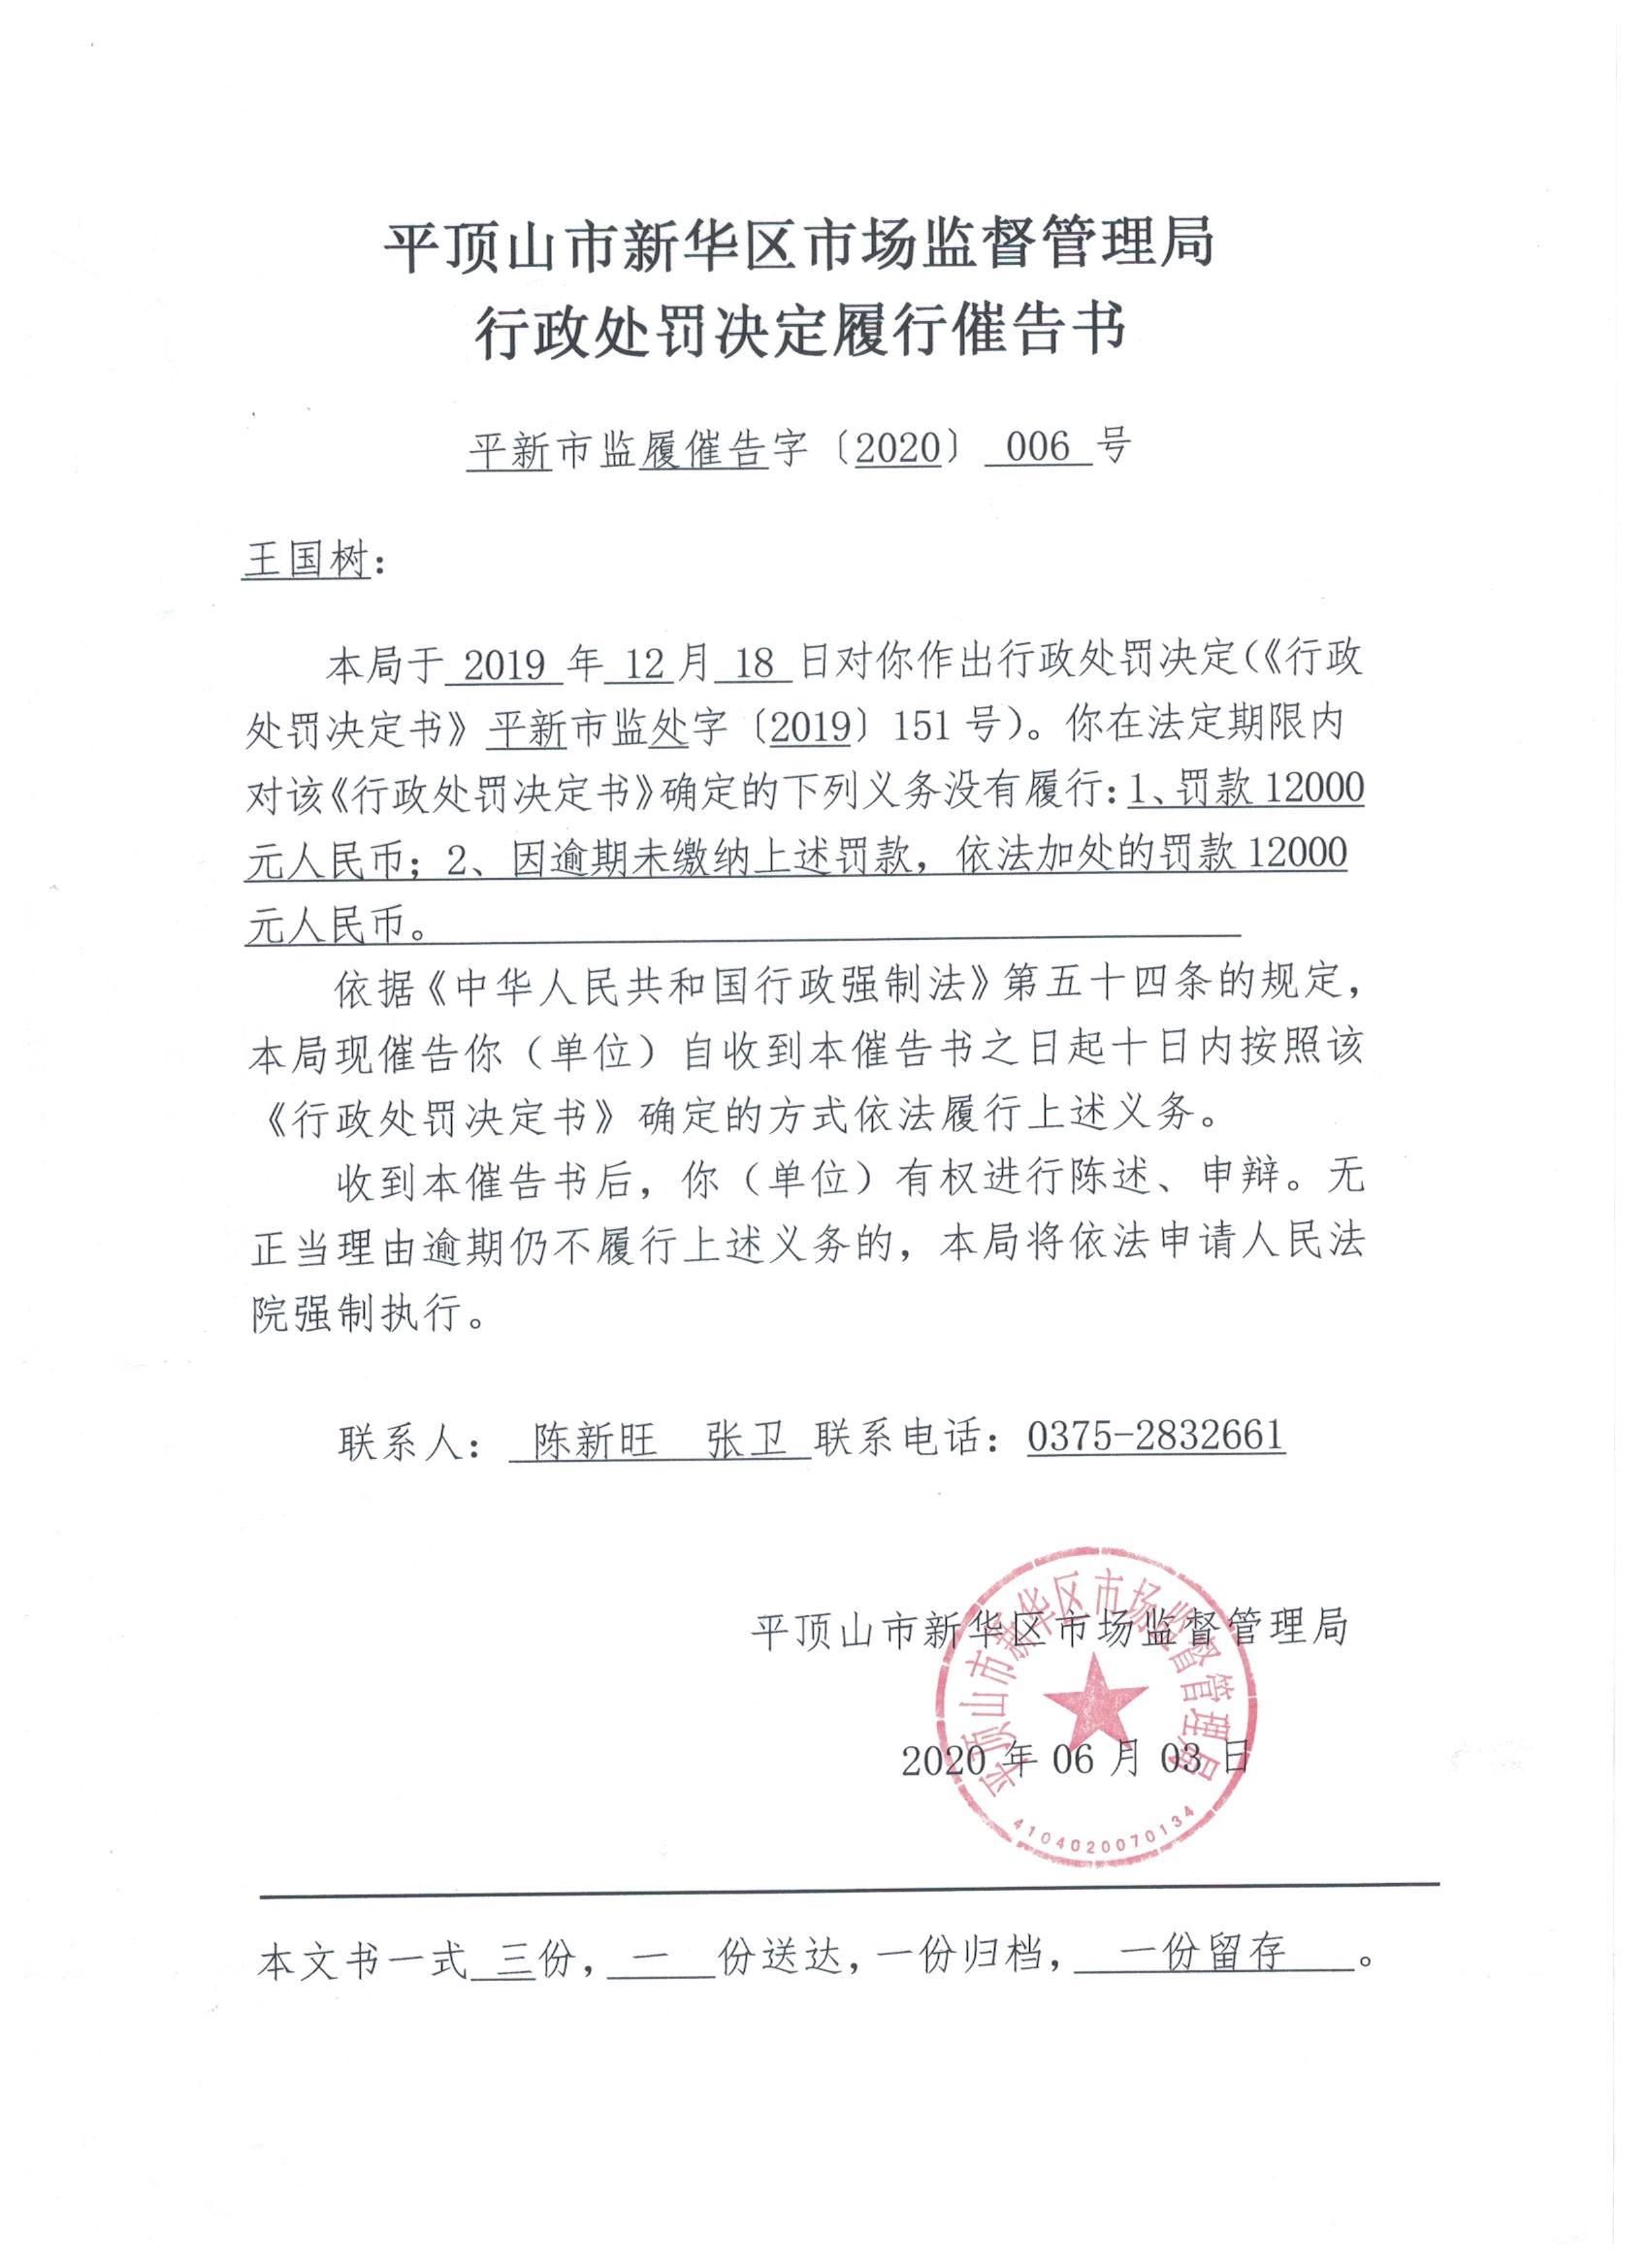 《行政处罚决定履行催告书》平新市监履催告字【2020】006号.jpeg